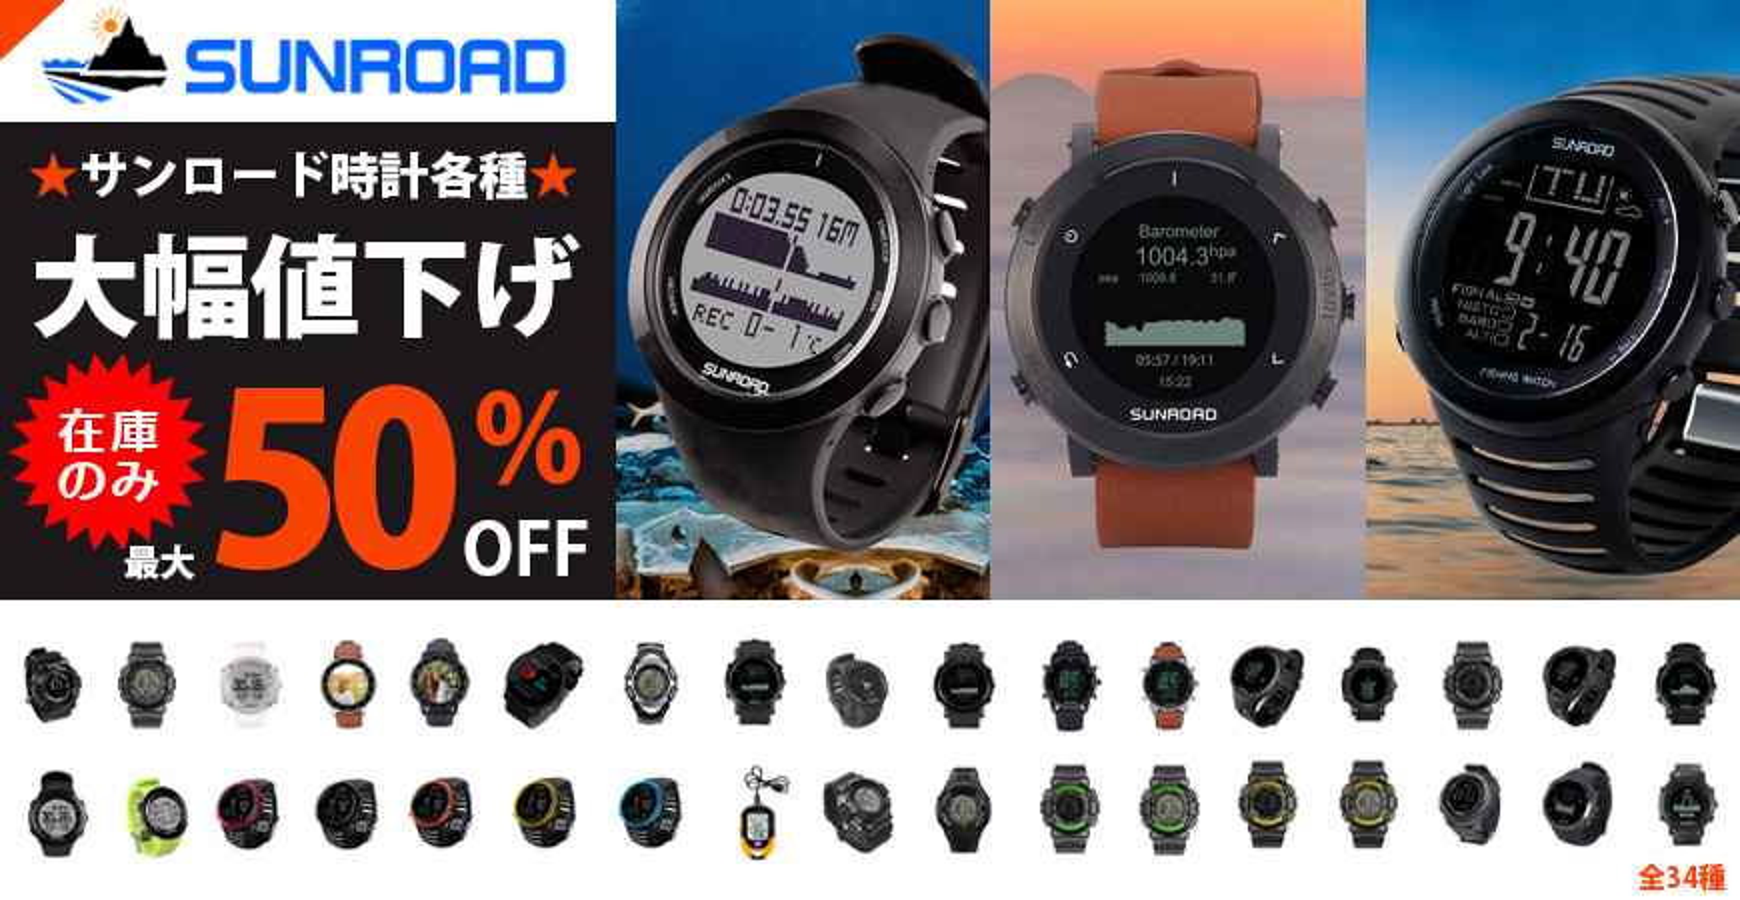 サーマルカメラ